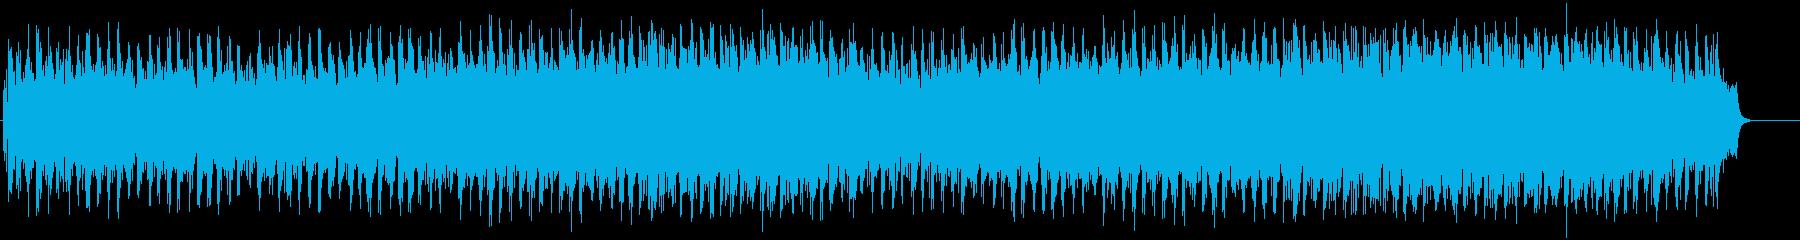 ブライダル風バラード(フルサイズ)の再生済みの波形